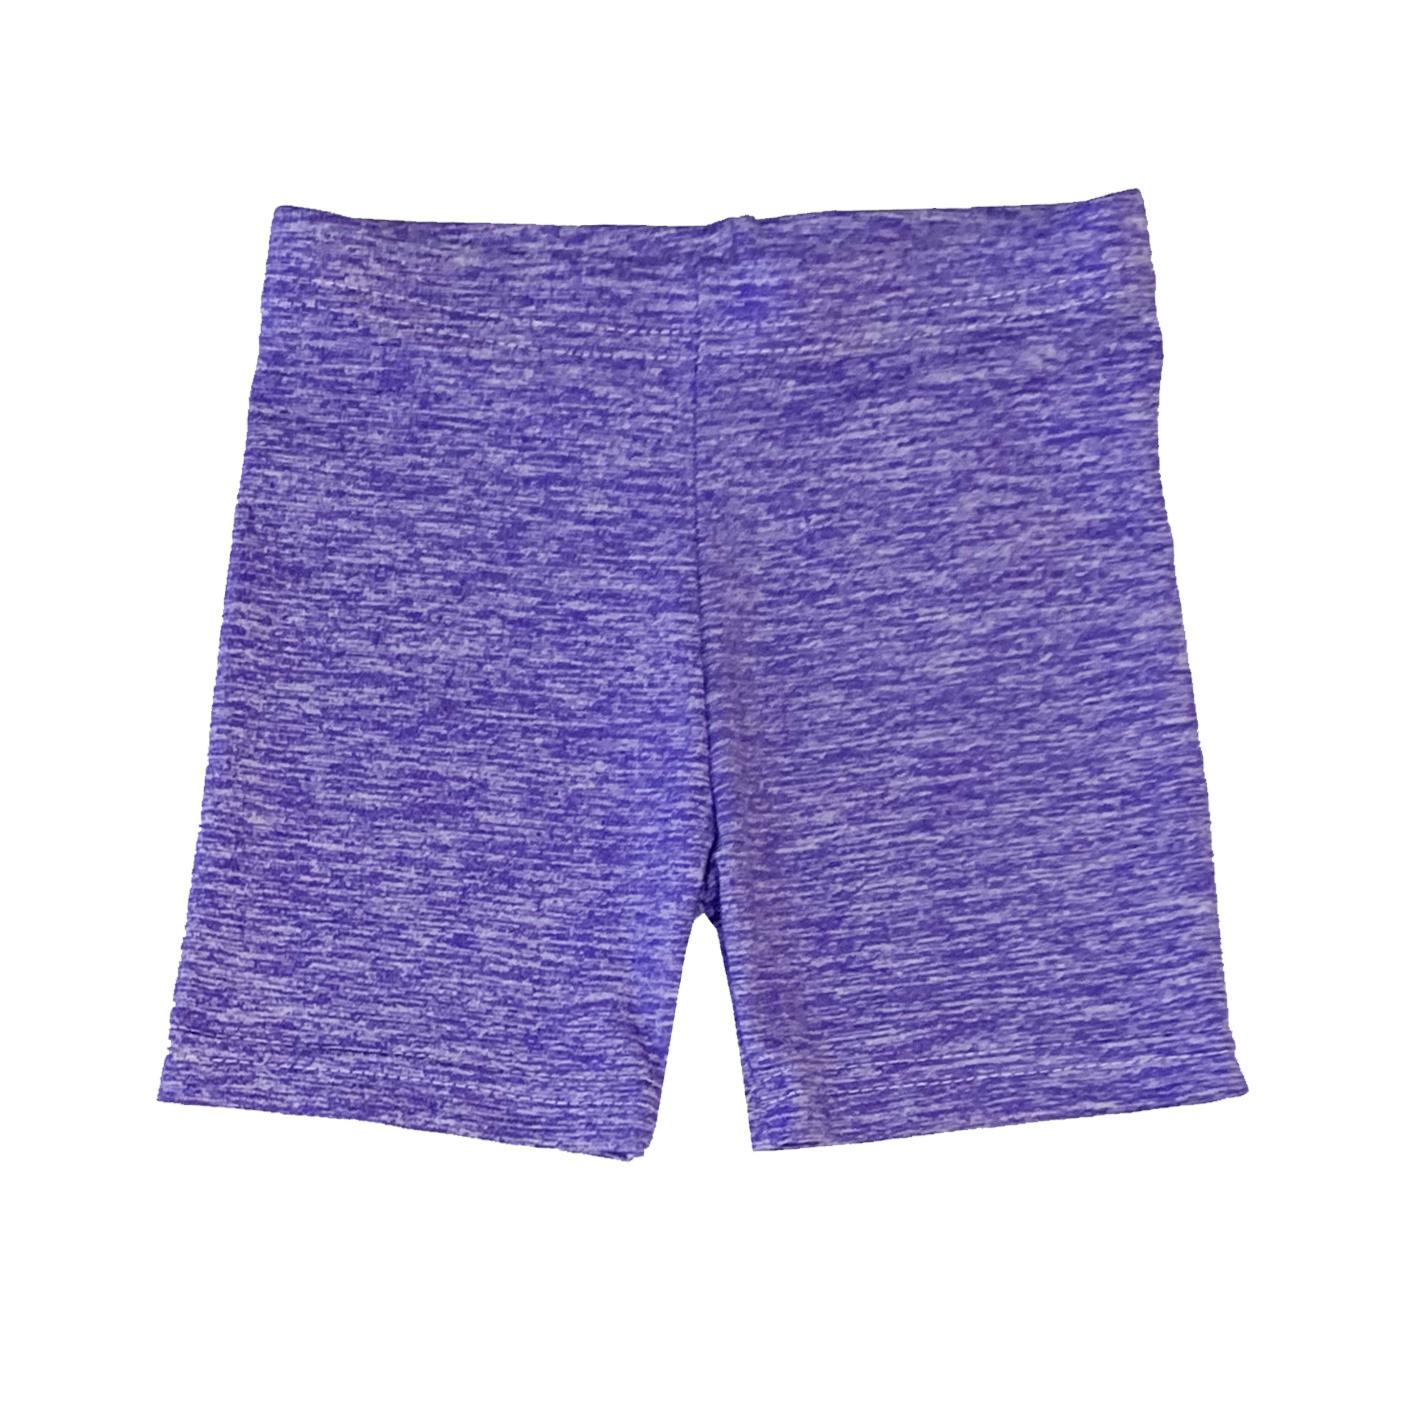 Dori Creations Violet/White Heathered Bike Shorts